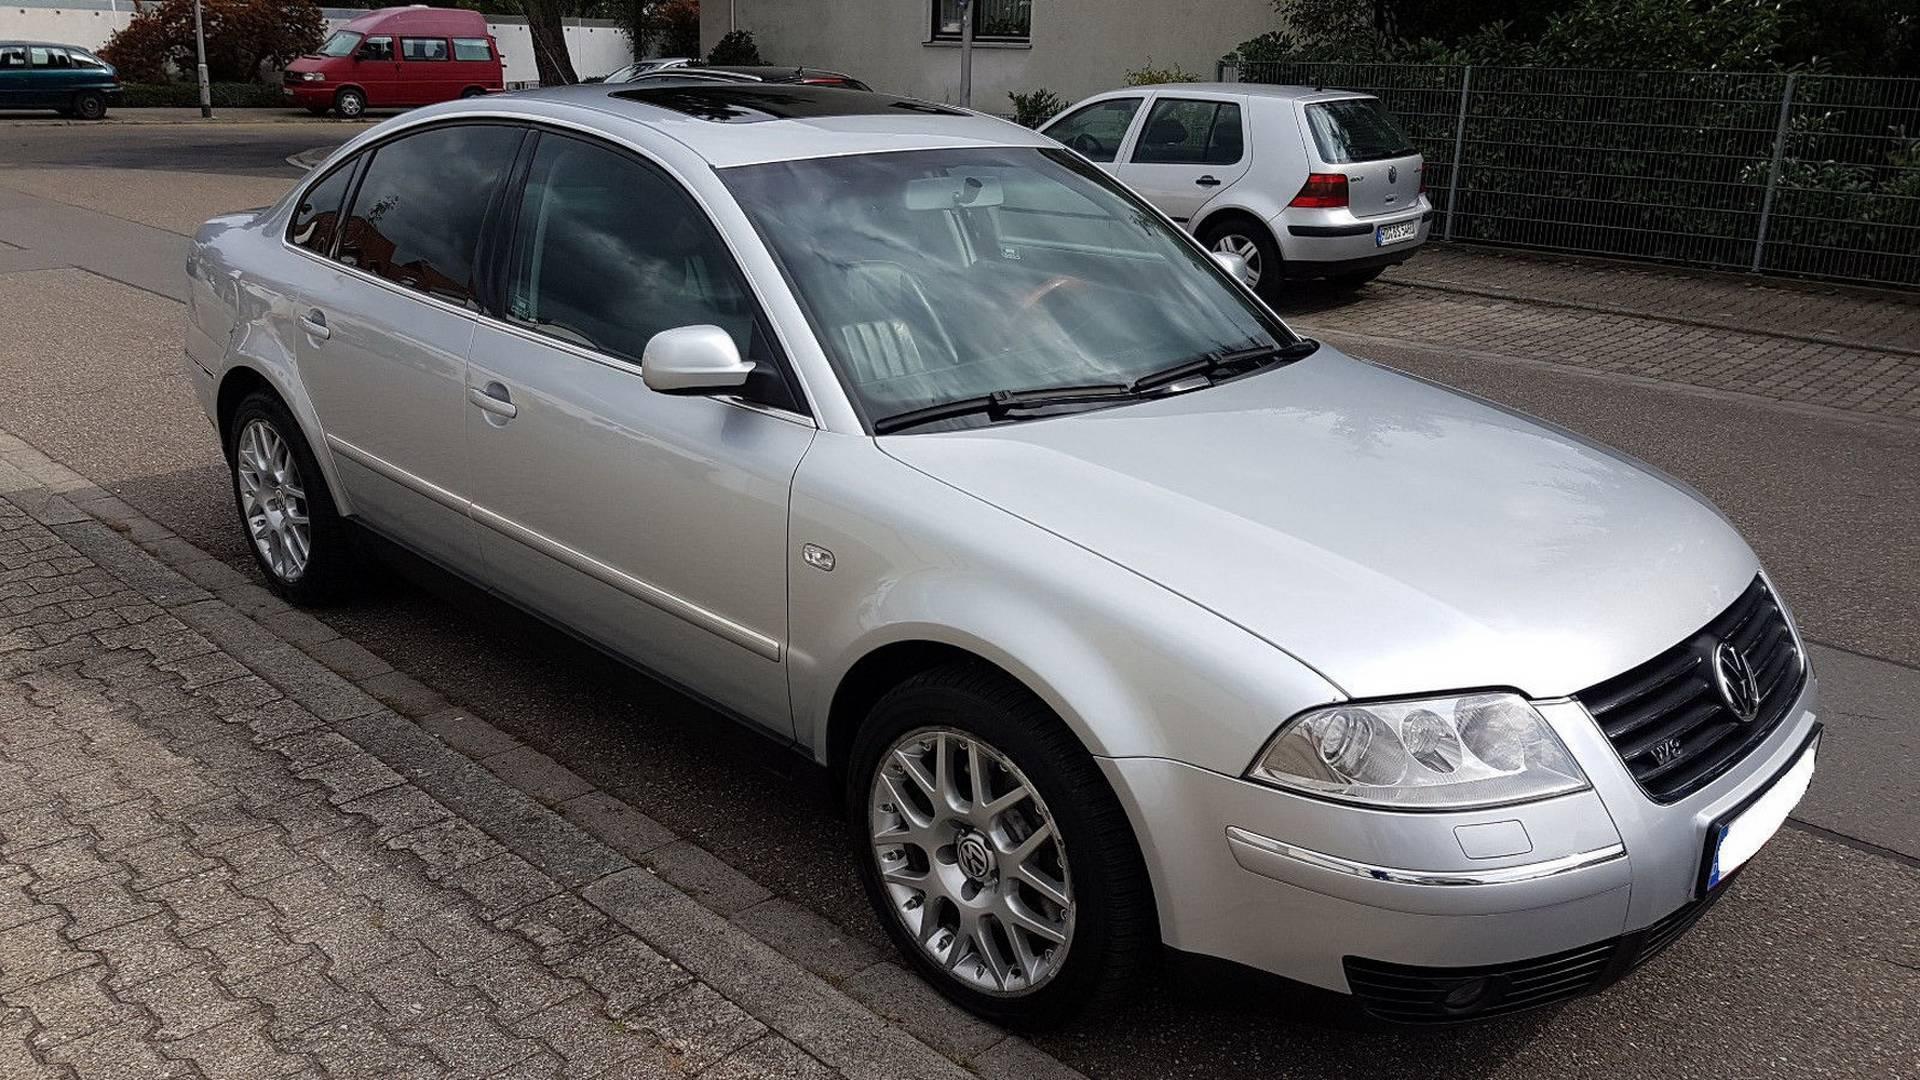 2002-vw-passat-w8-for-sale